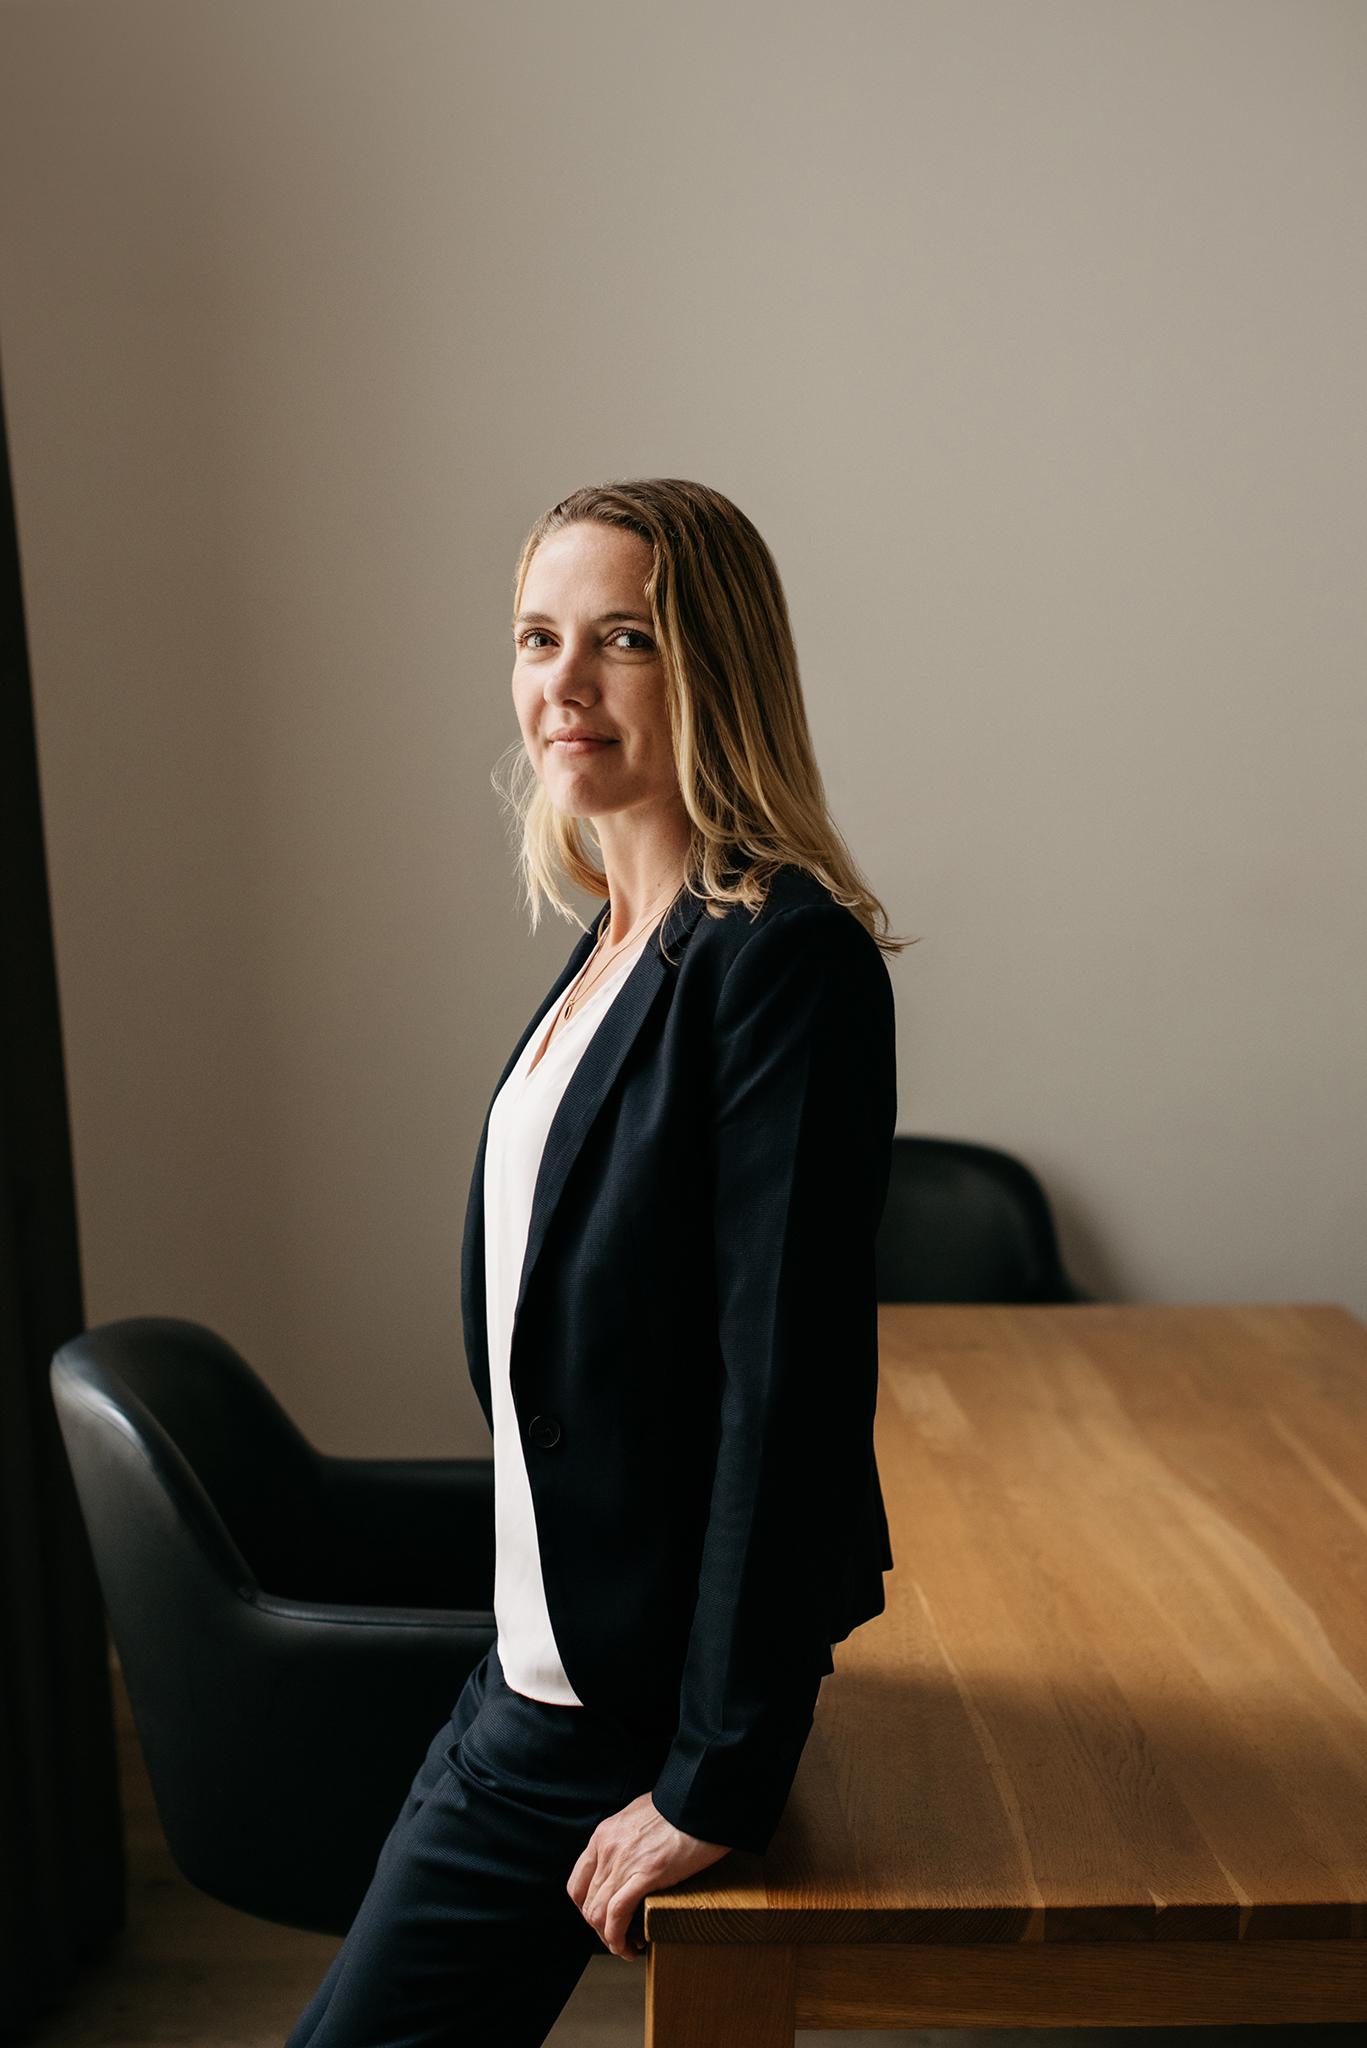 Jessica Maas